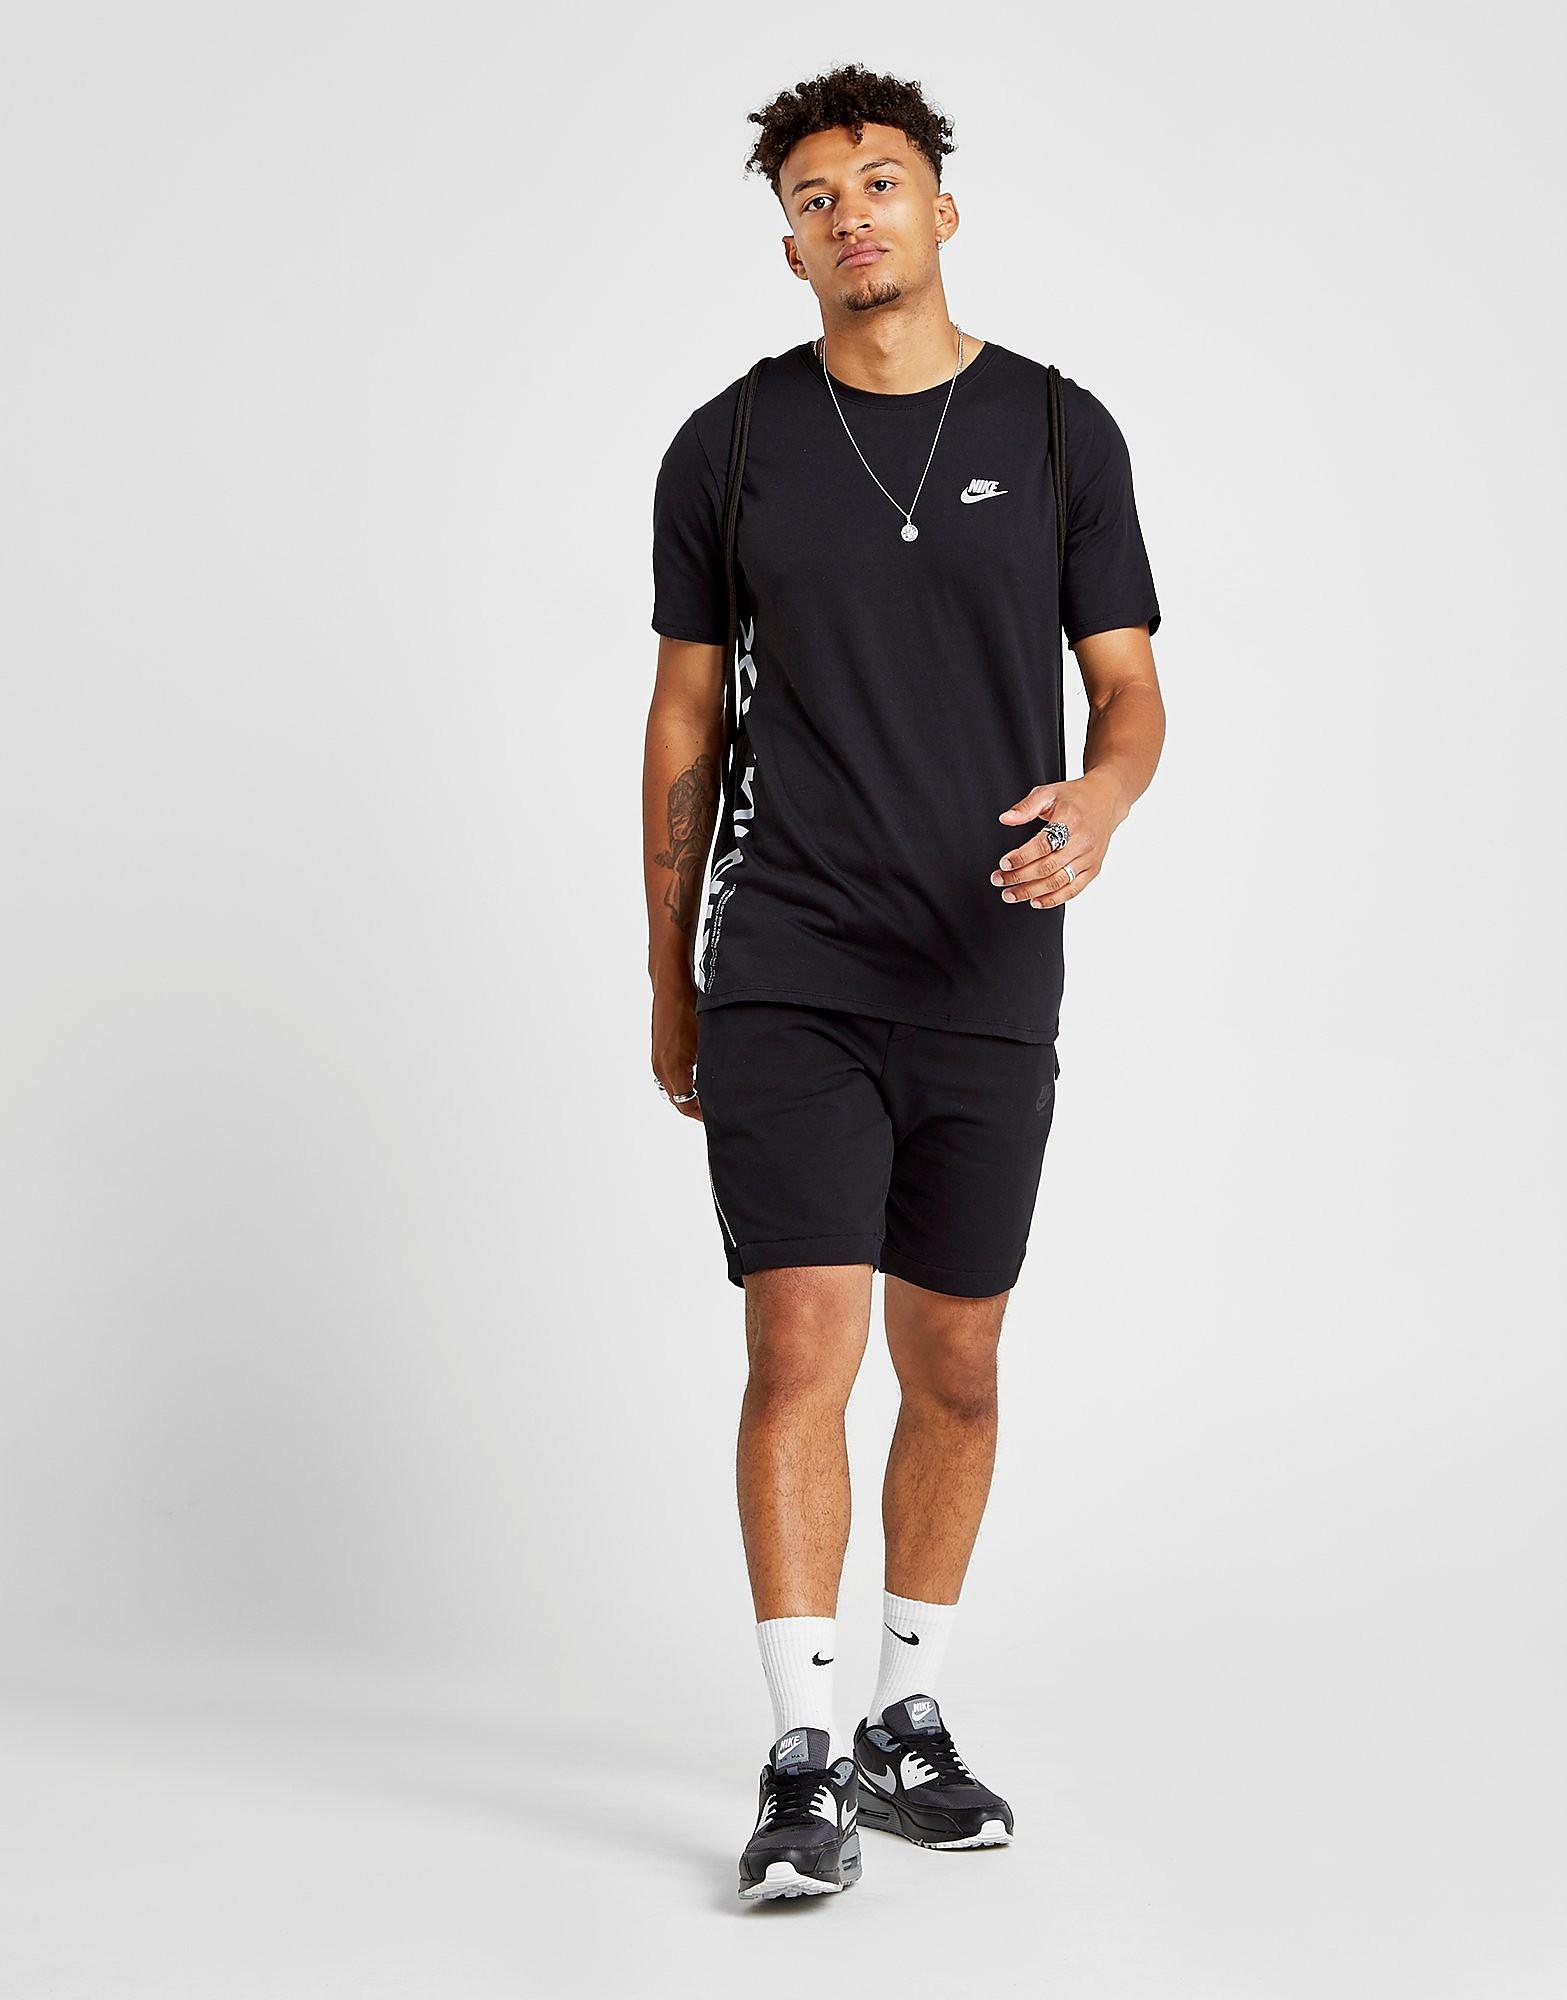 Nike Air Max Shorts